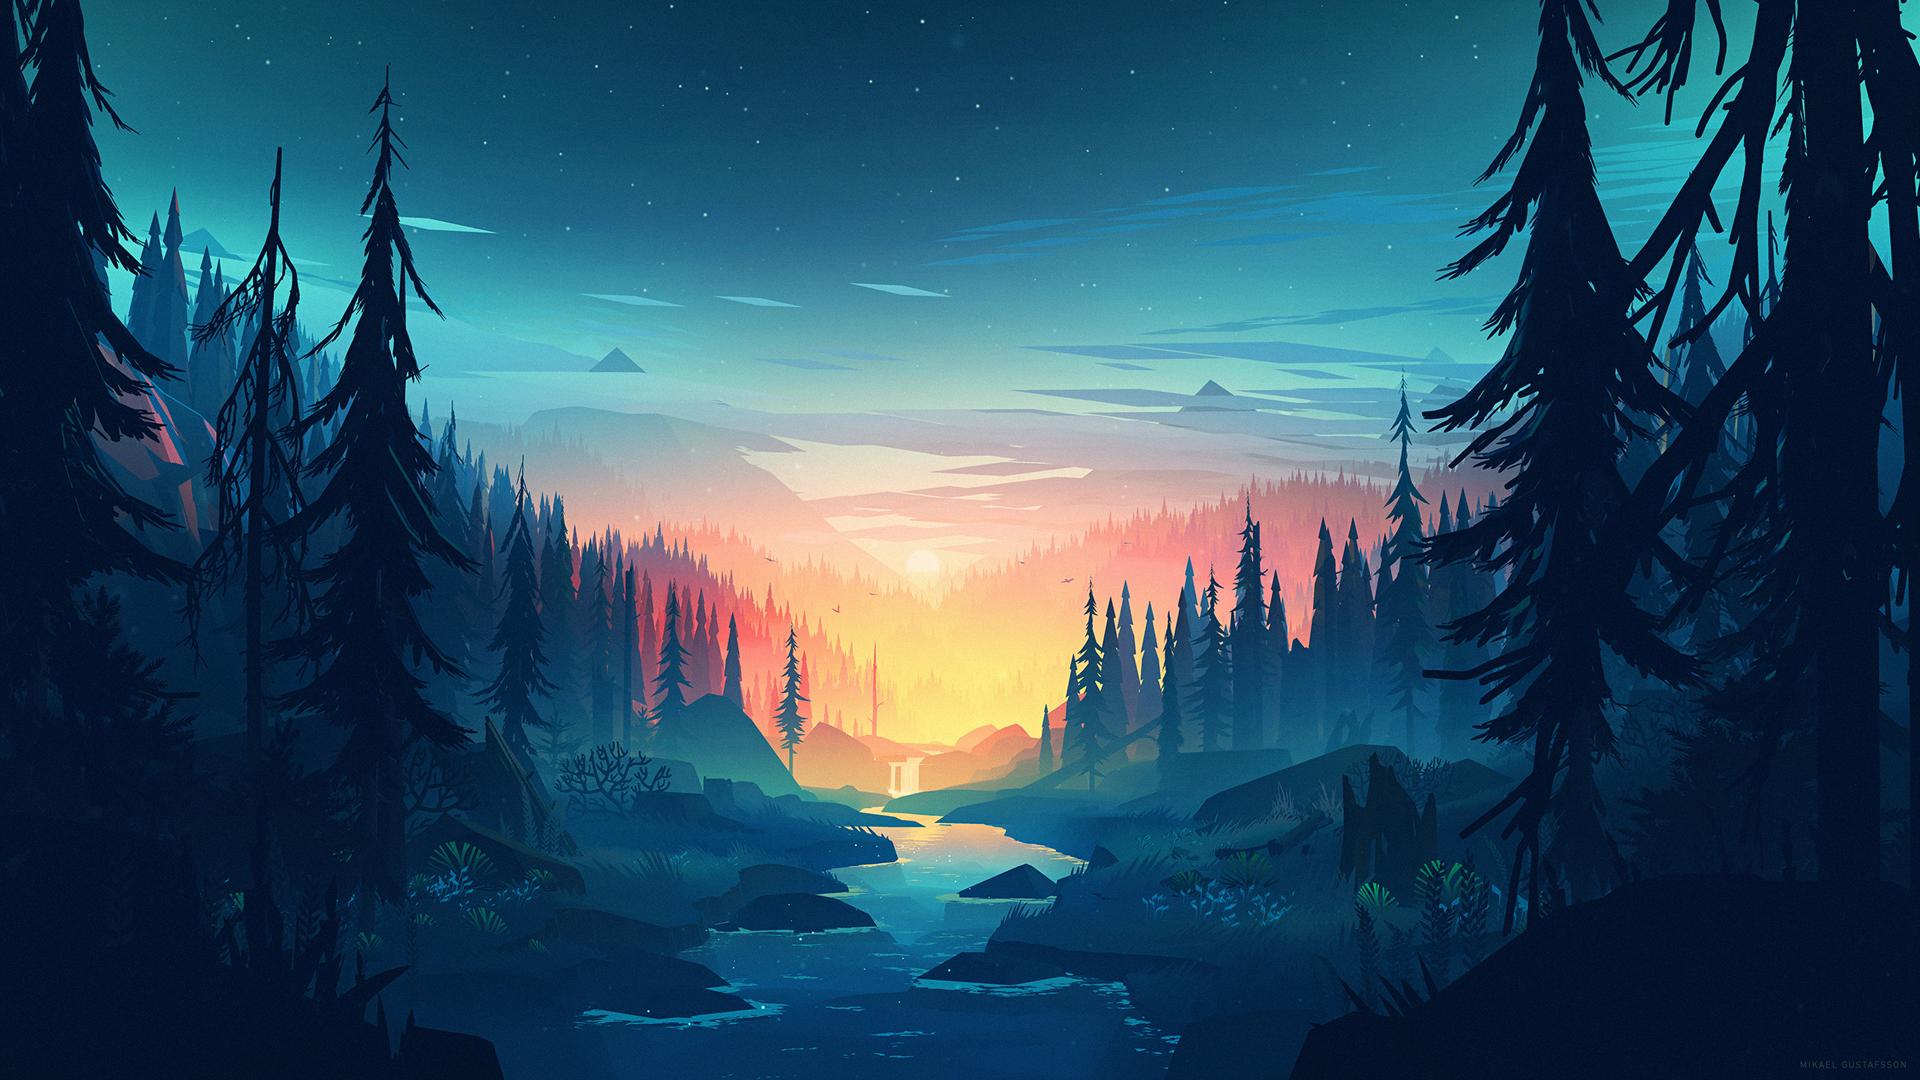 树林小溪夜晚风景壁纸-动漫壁纸